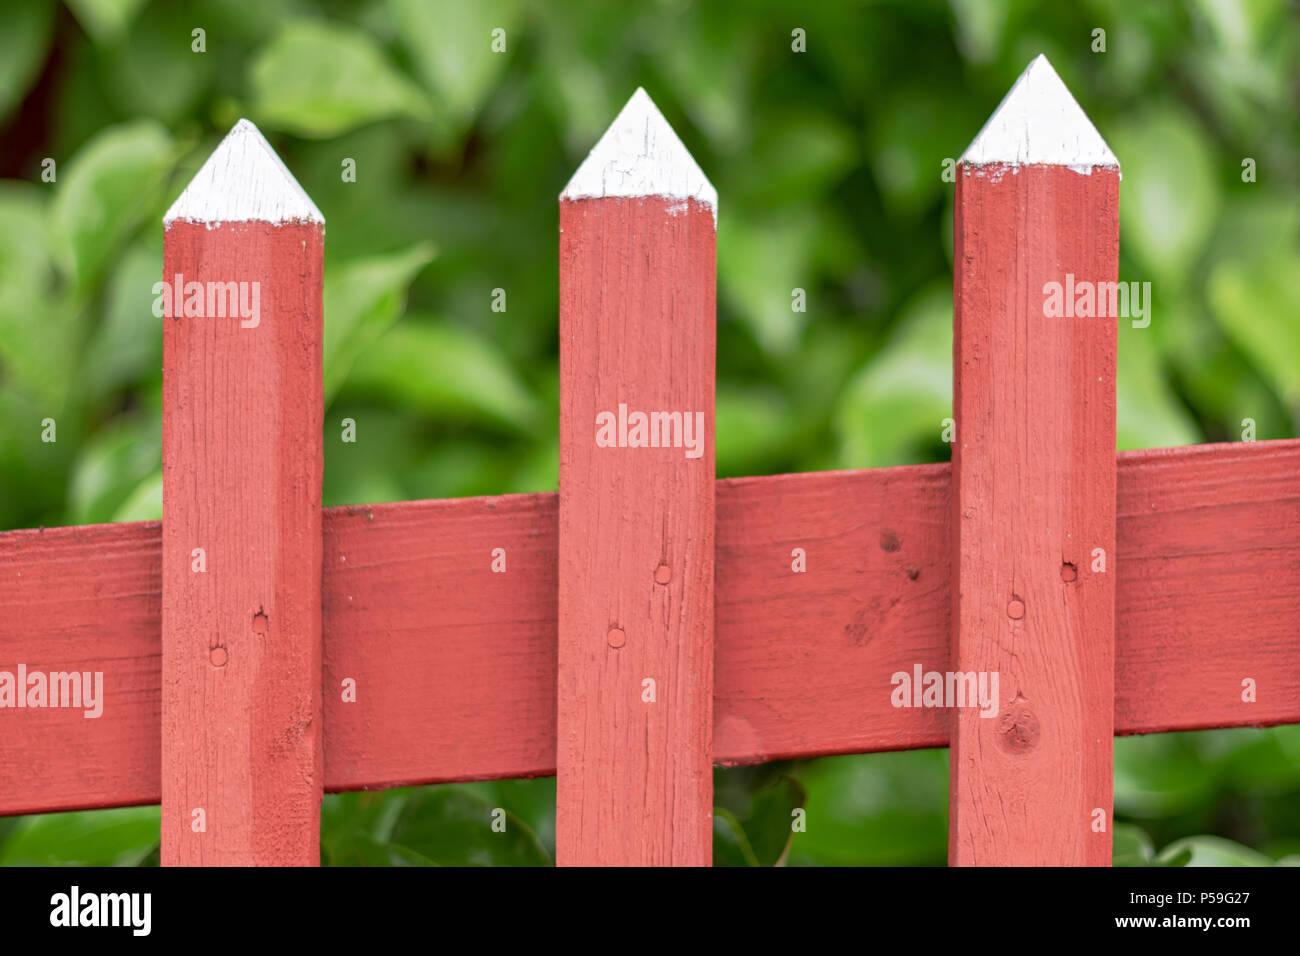 Staccionata Bianca In Legno dettaglio di un tradizionale rosso staccionata in legno con